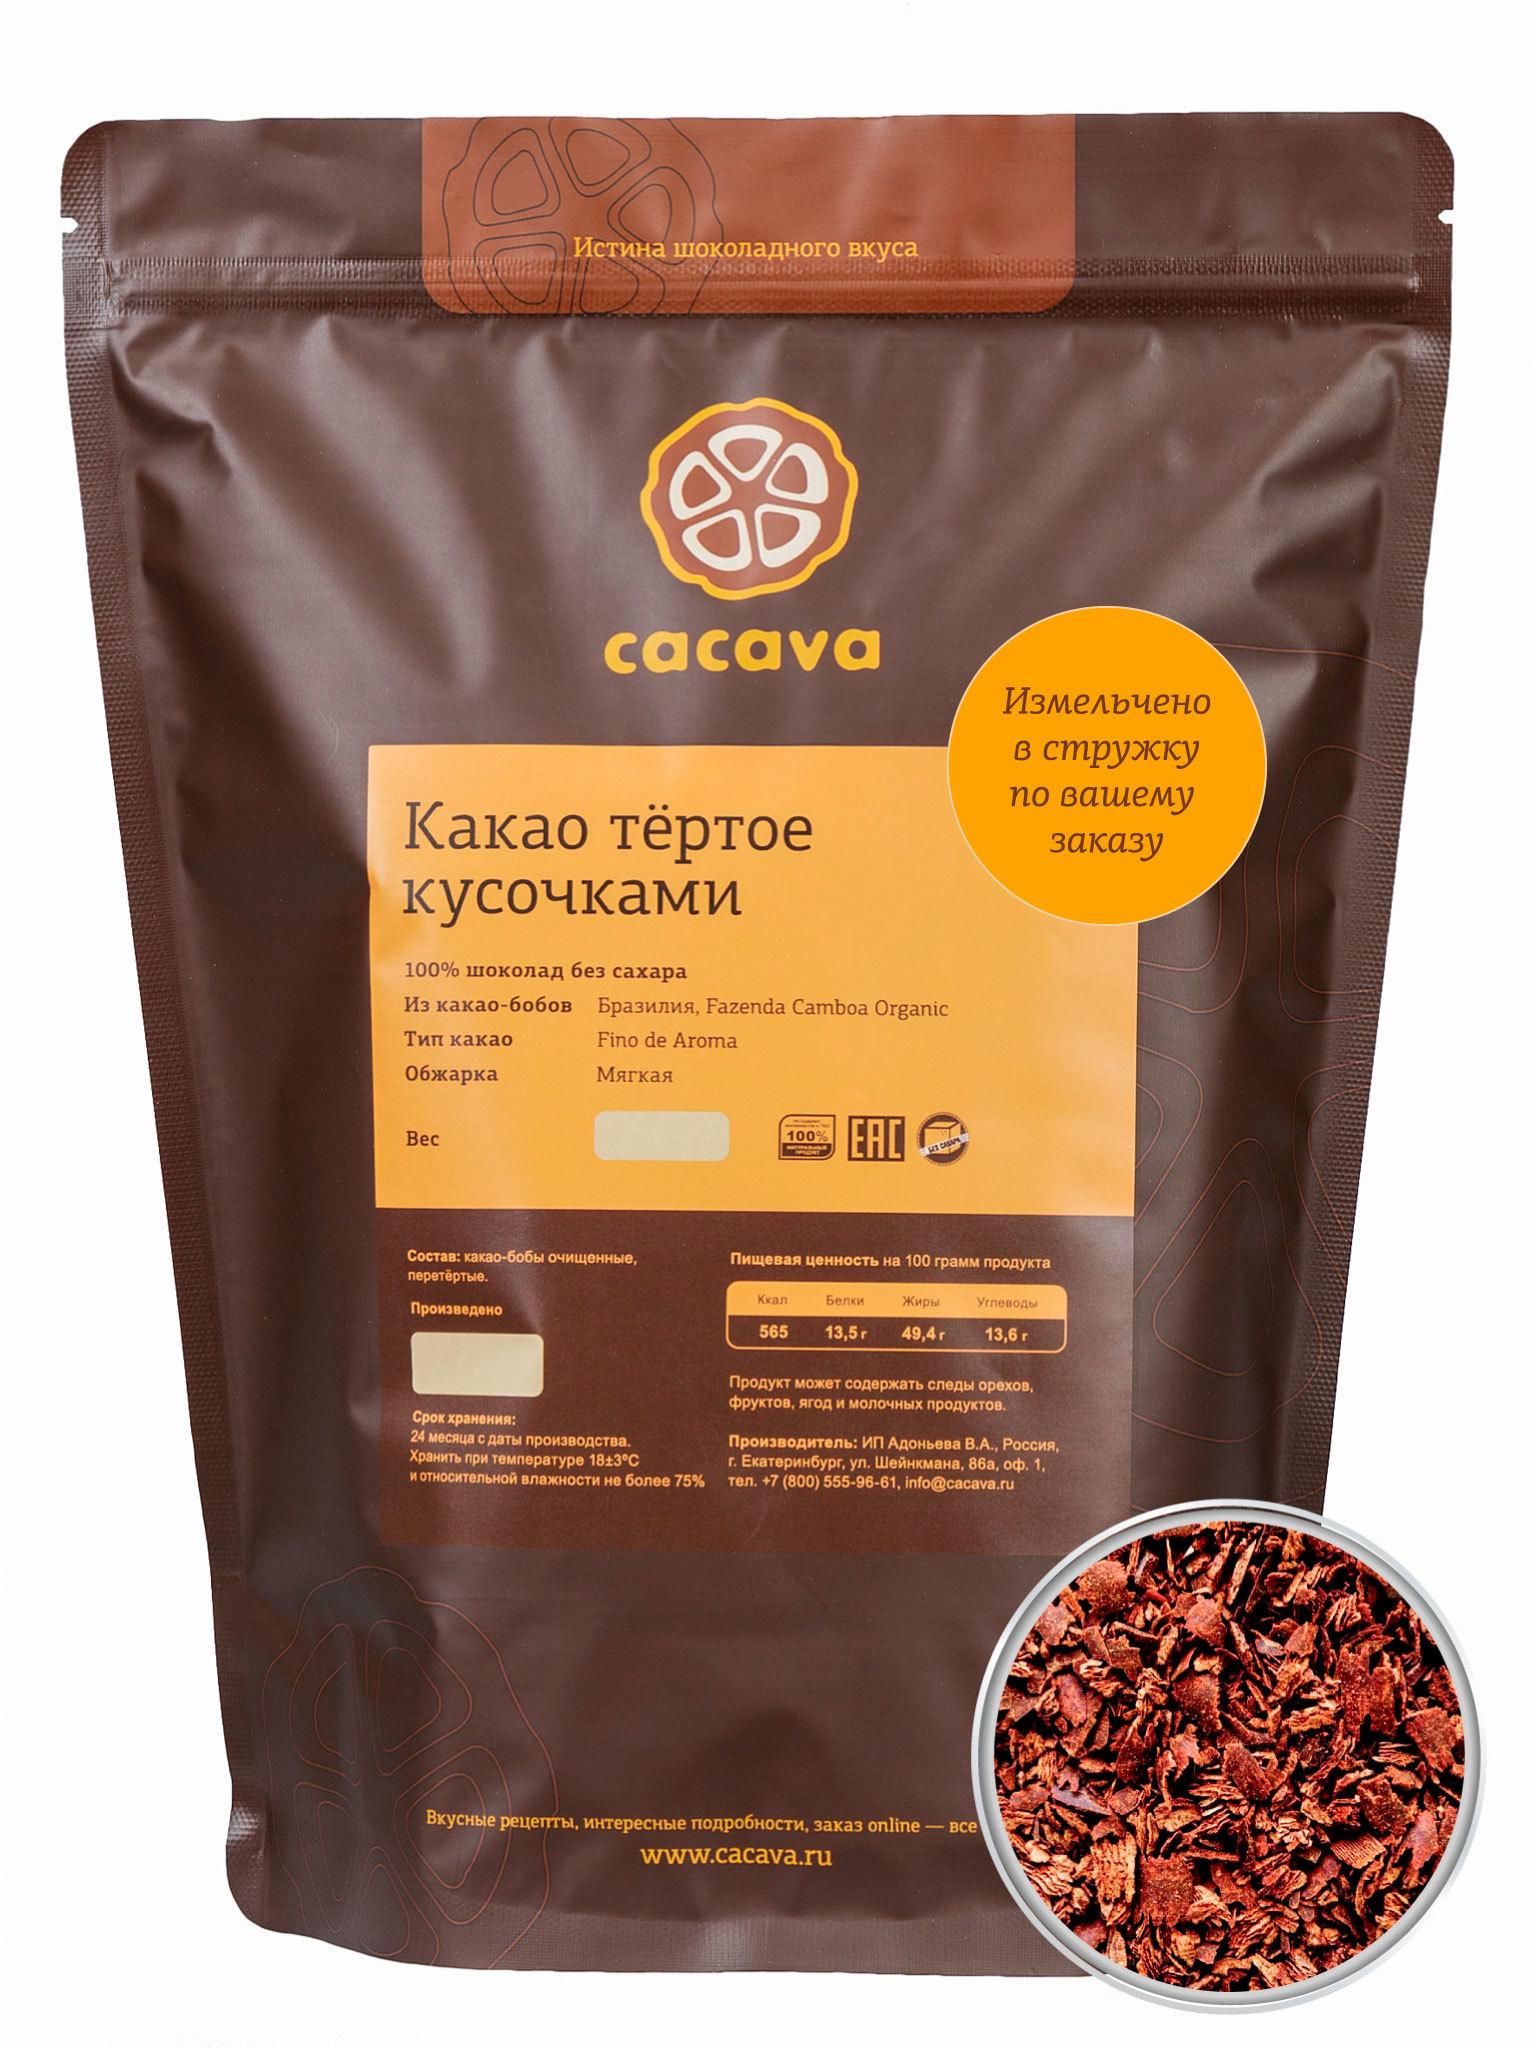 Какао тёртое в стружке (Бразилия, Fazenda Camboa), упаковка 1 кг